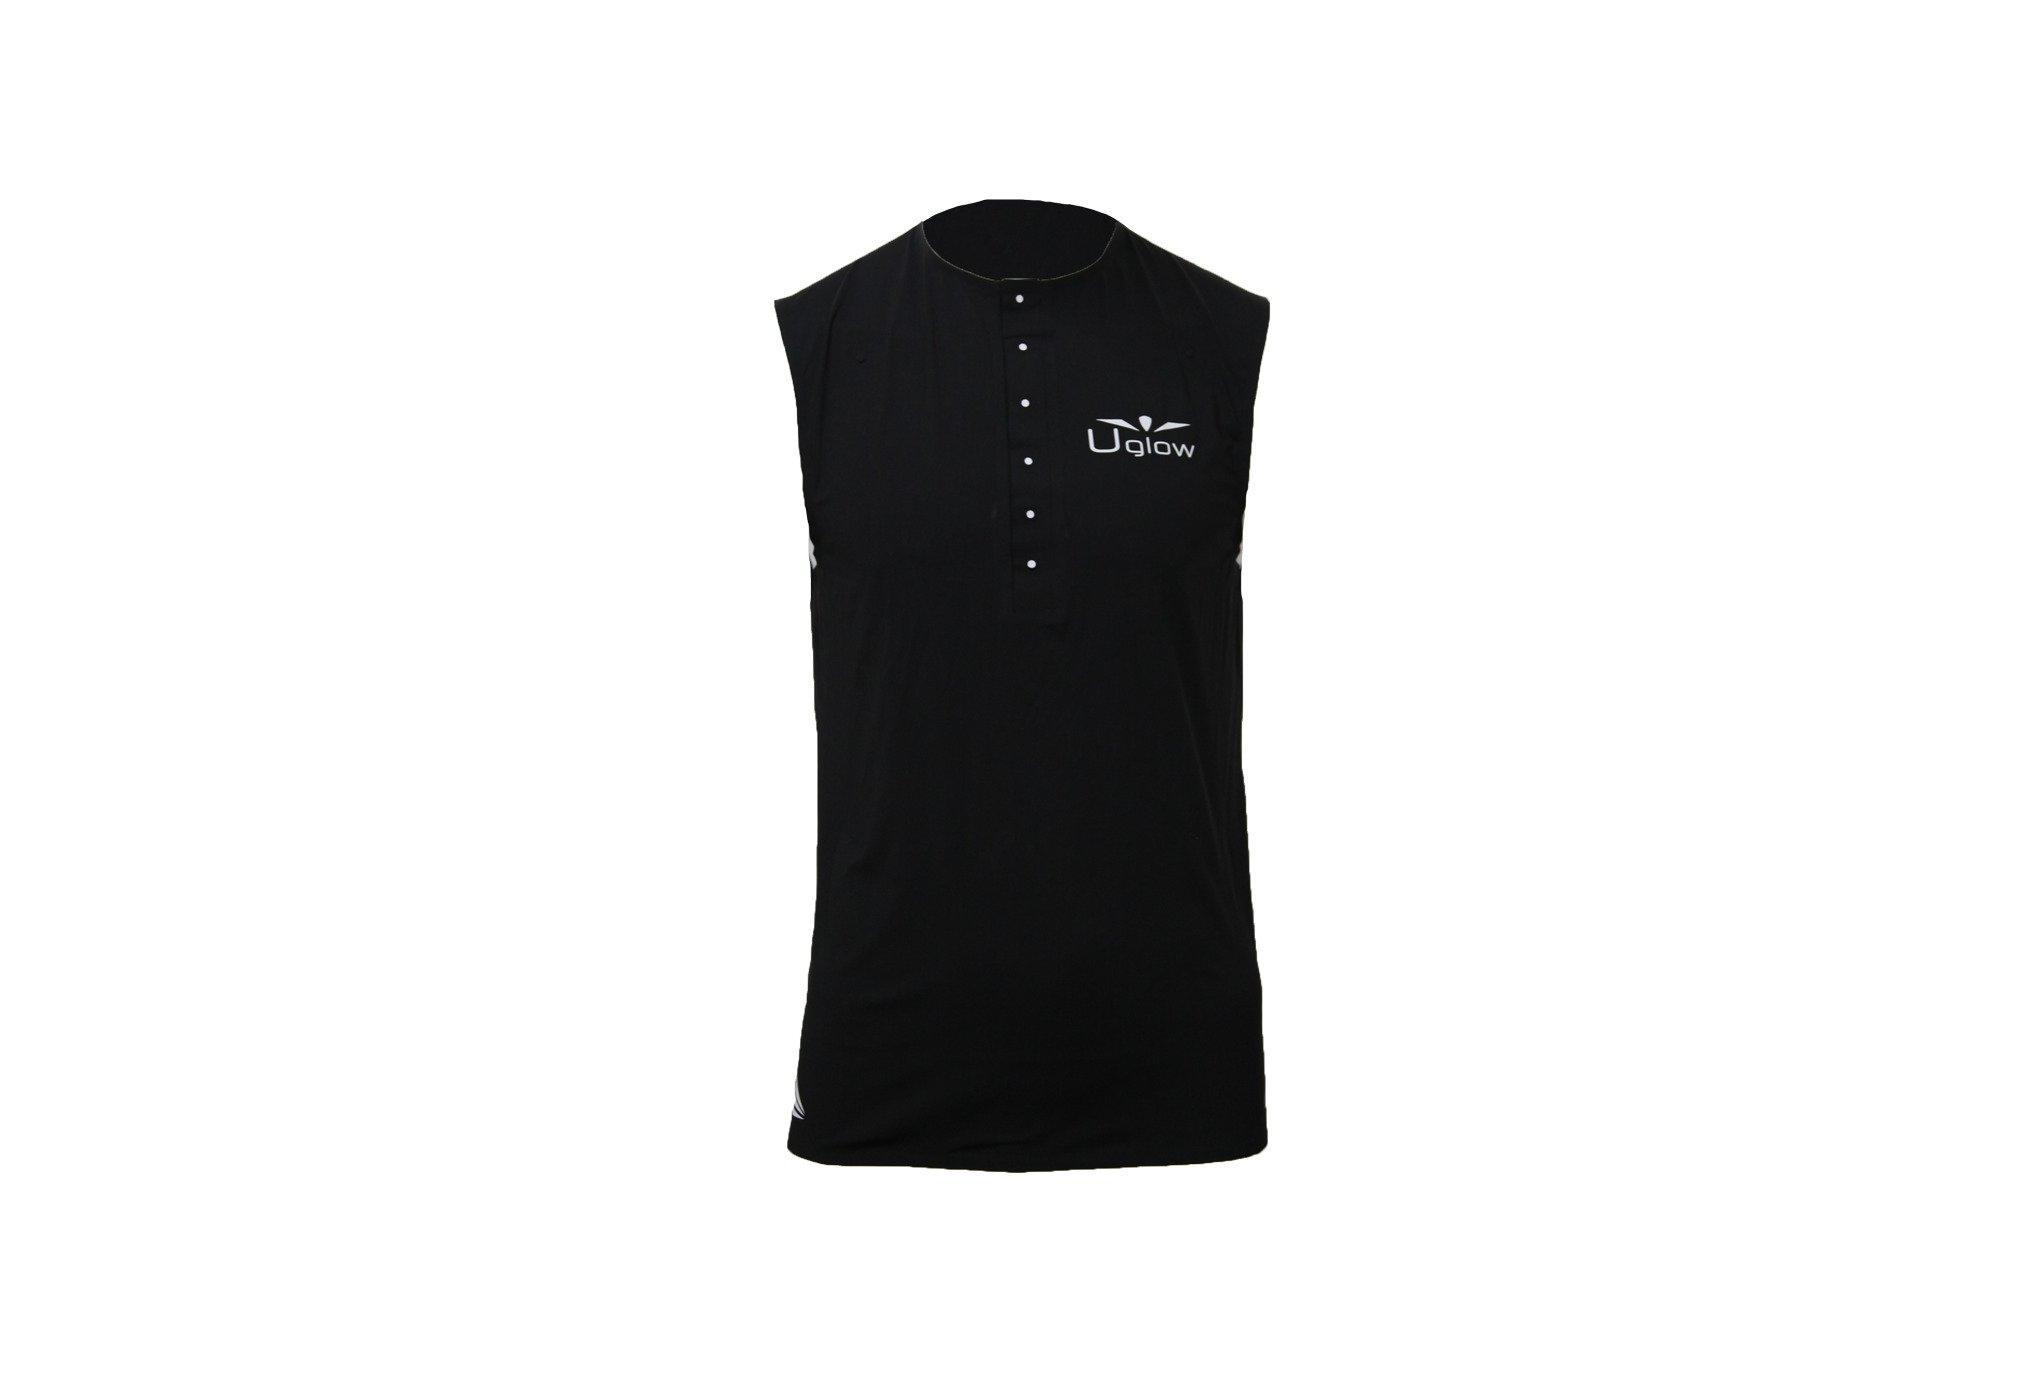 Uglow Magnetize Concept M Diététique Vêtements homme